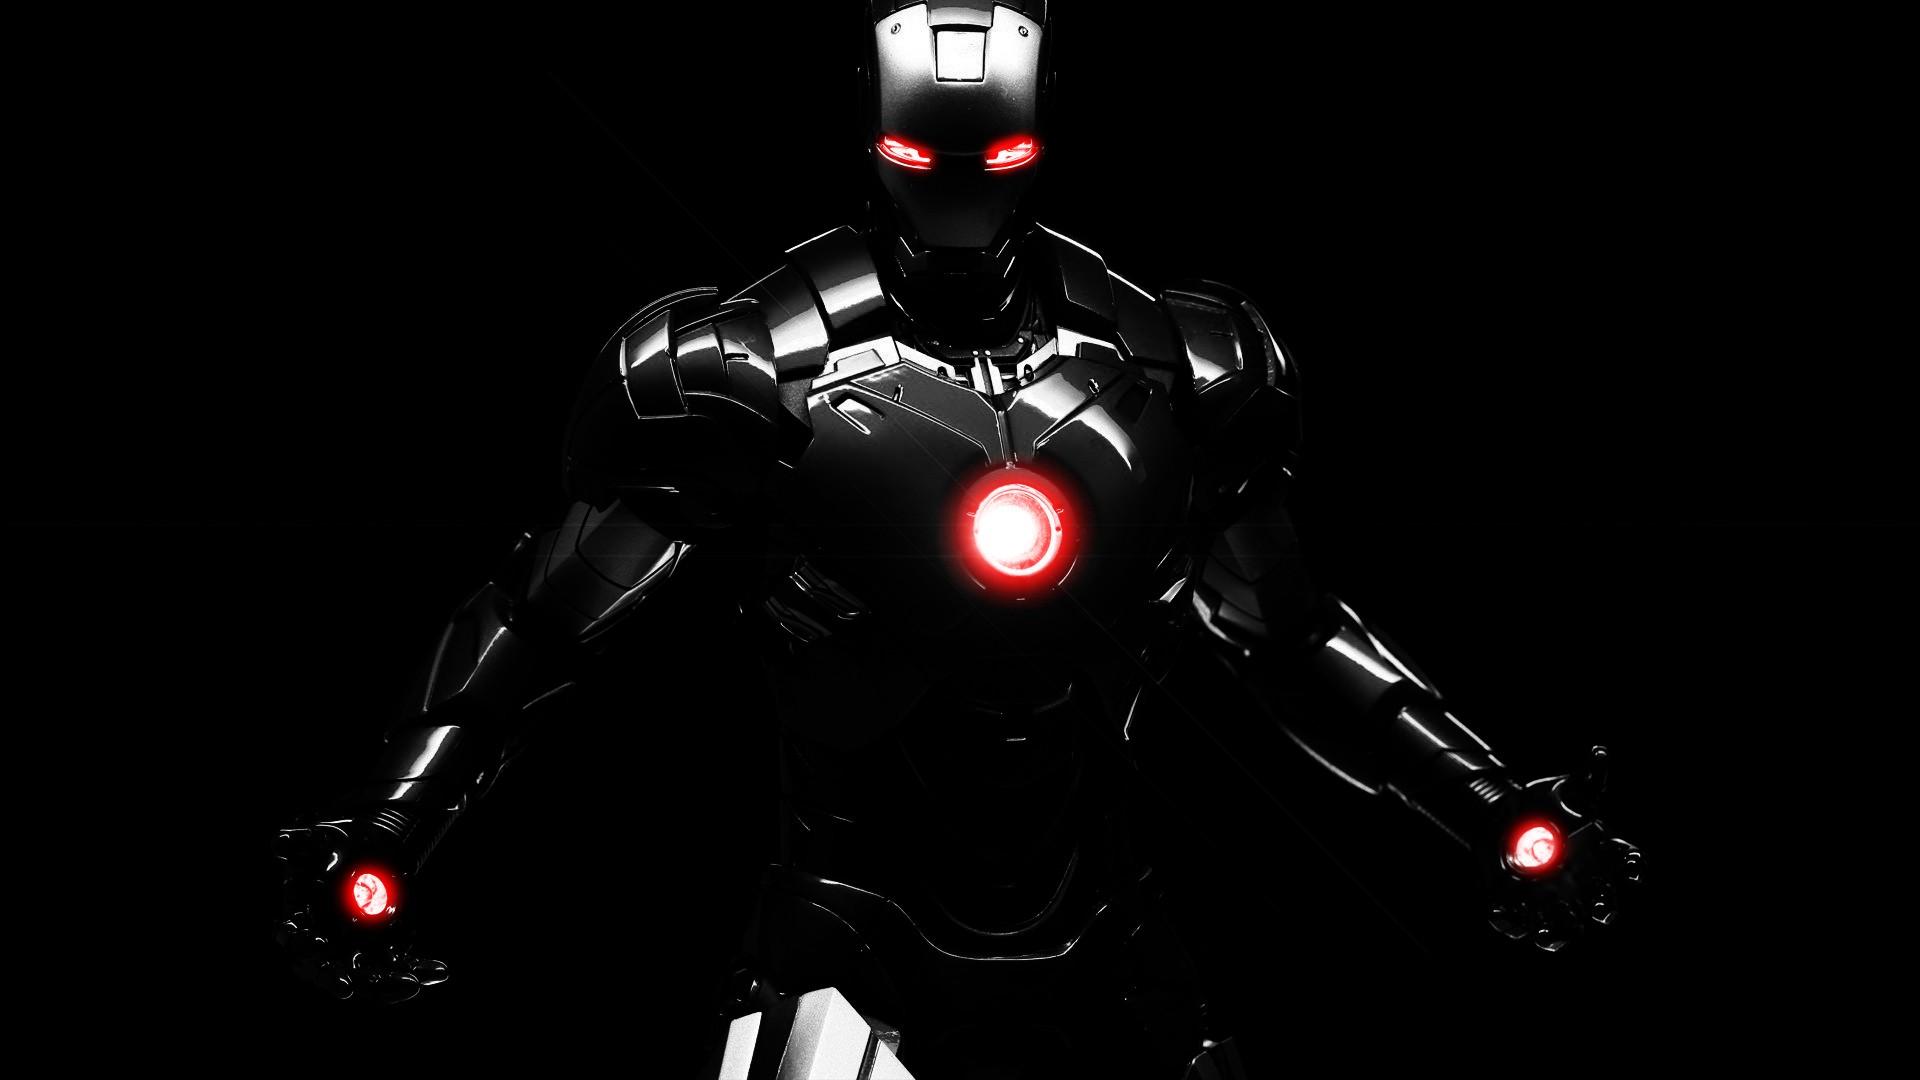 Cool Iron Man Wallpaper Best 1920x1080